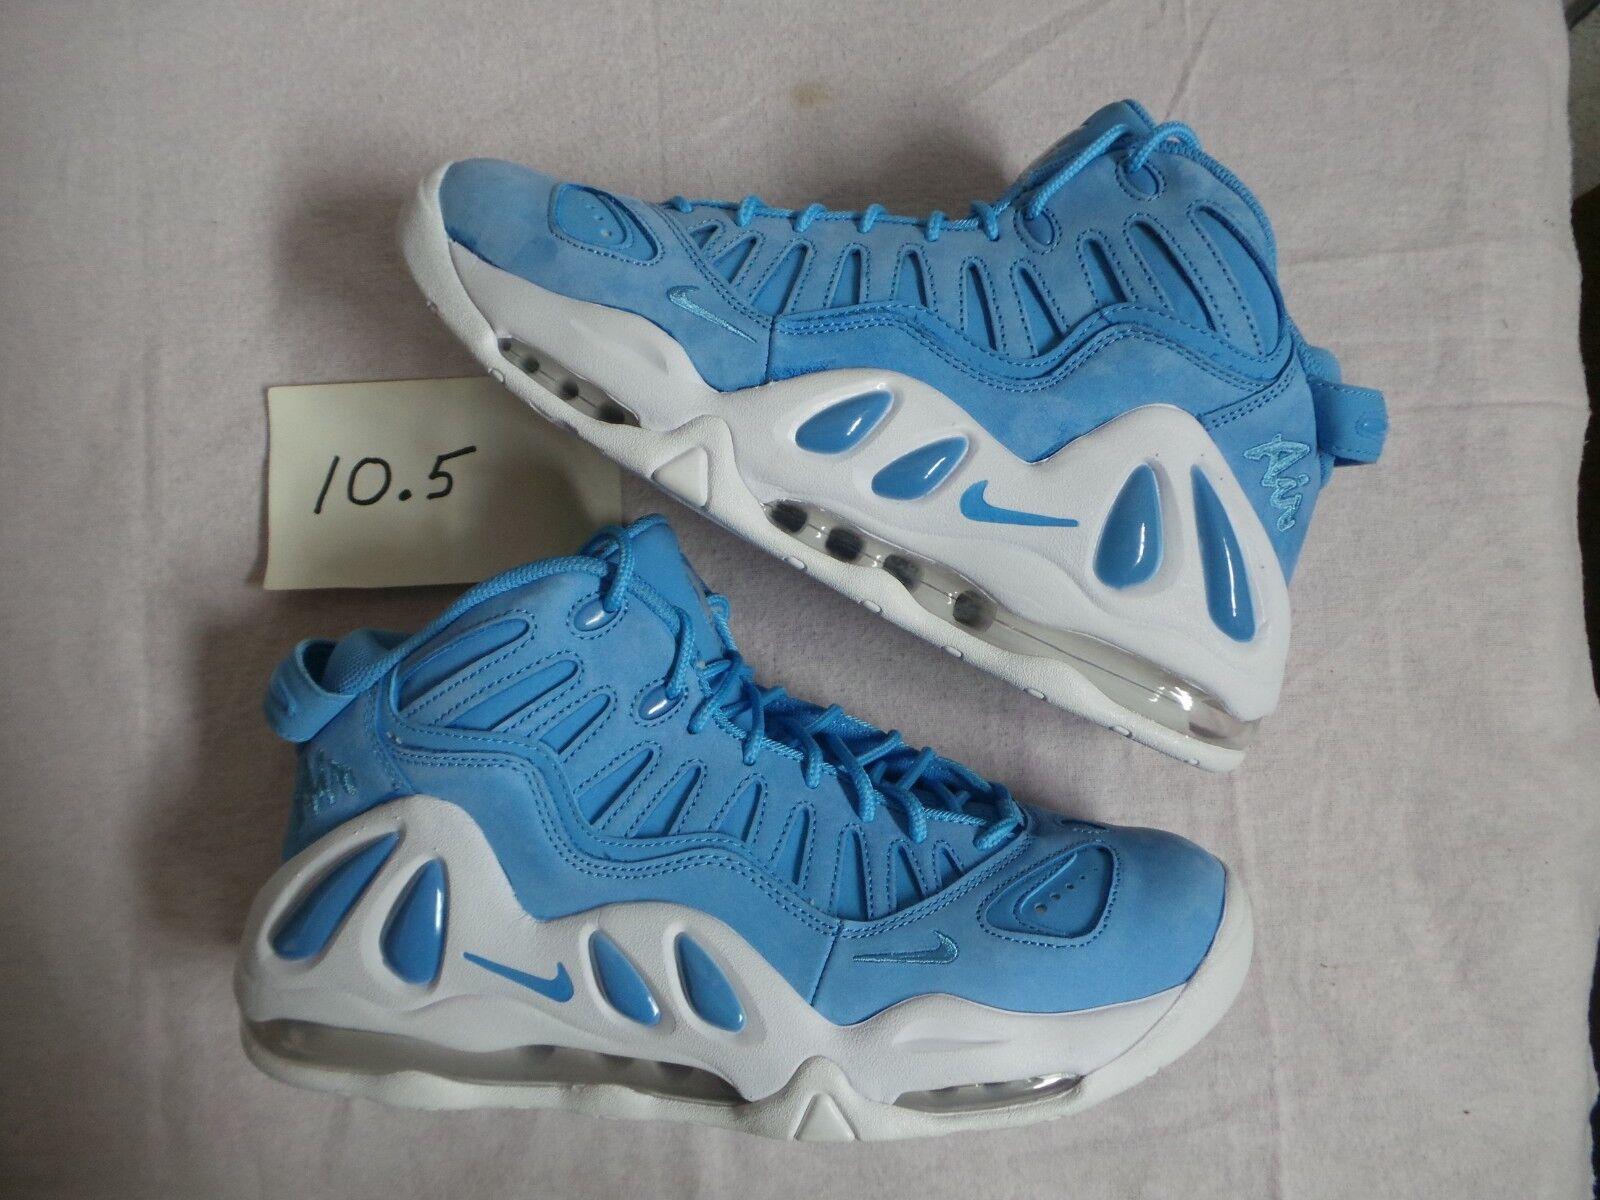 Nike air max ritmo 3 iii 97 97 nord di carolina zio la follia di nord marzo sz 11 s new fe84dc